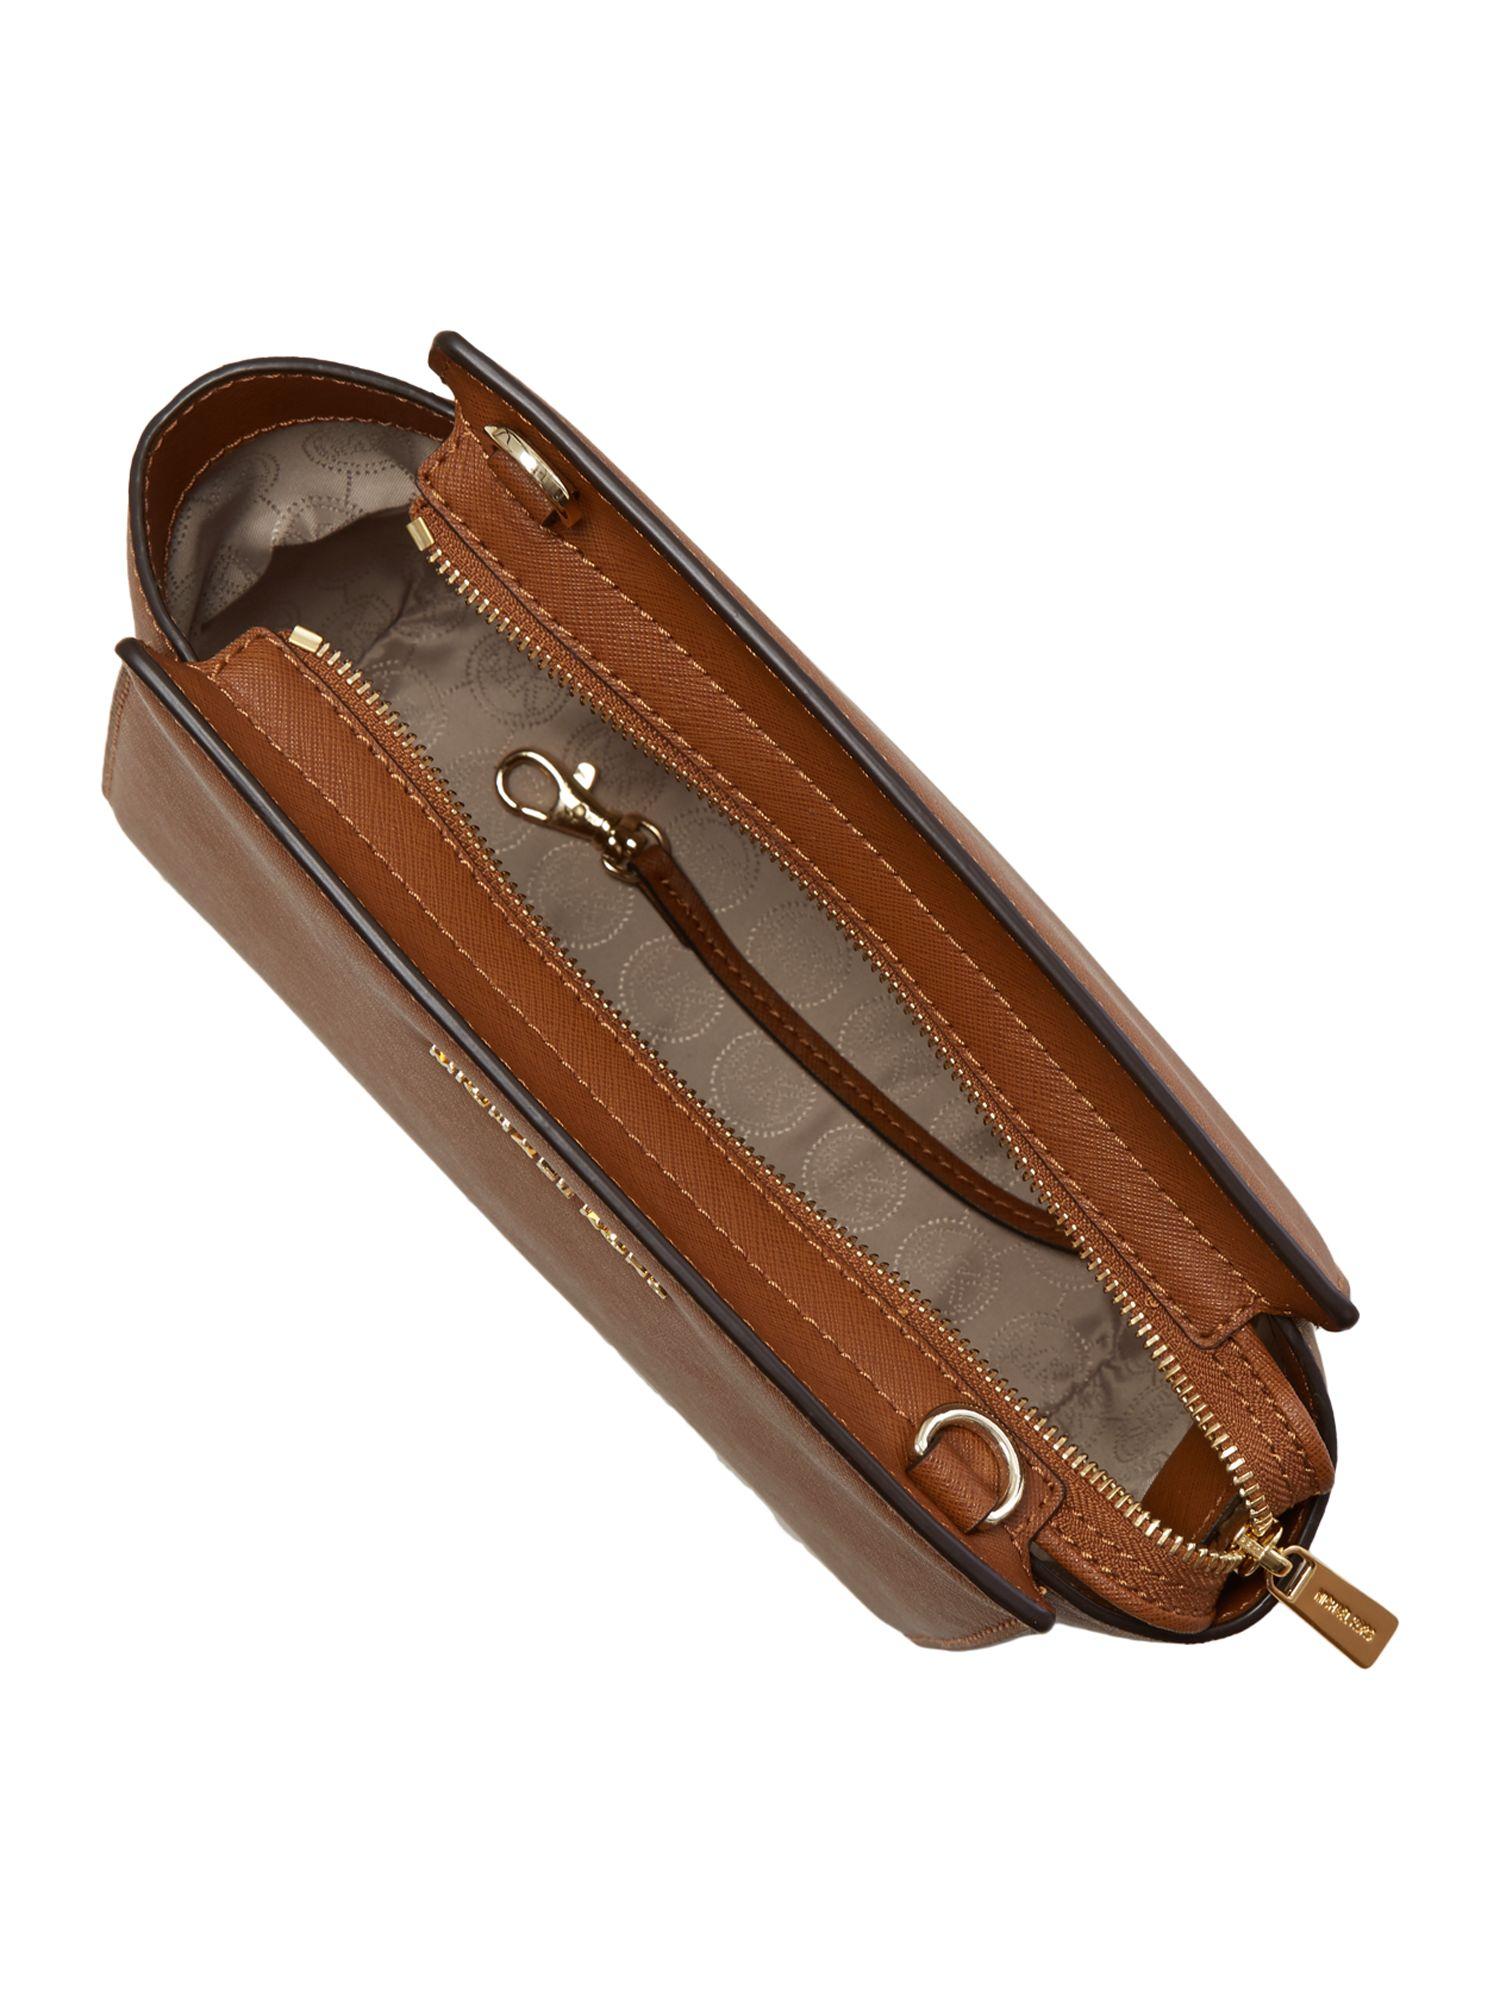 Michael Kors Selma Tan Cross Body Bag in Brown